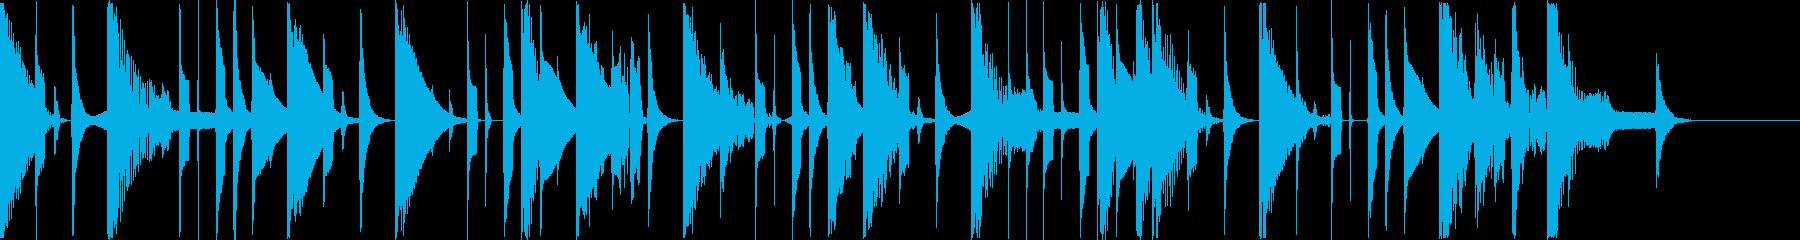 12秒 CM コミカル ピコピコの再生済みの波形